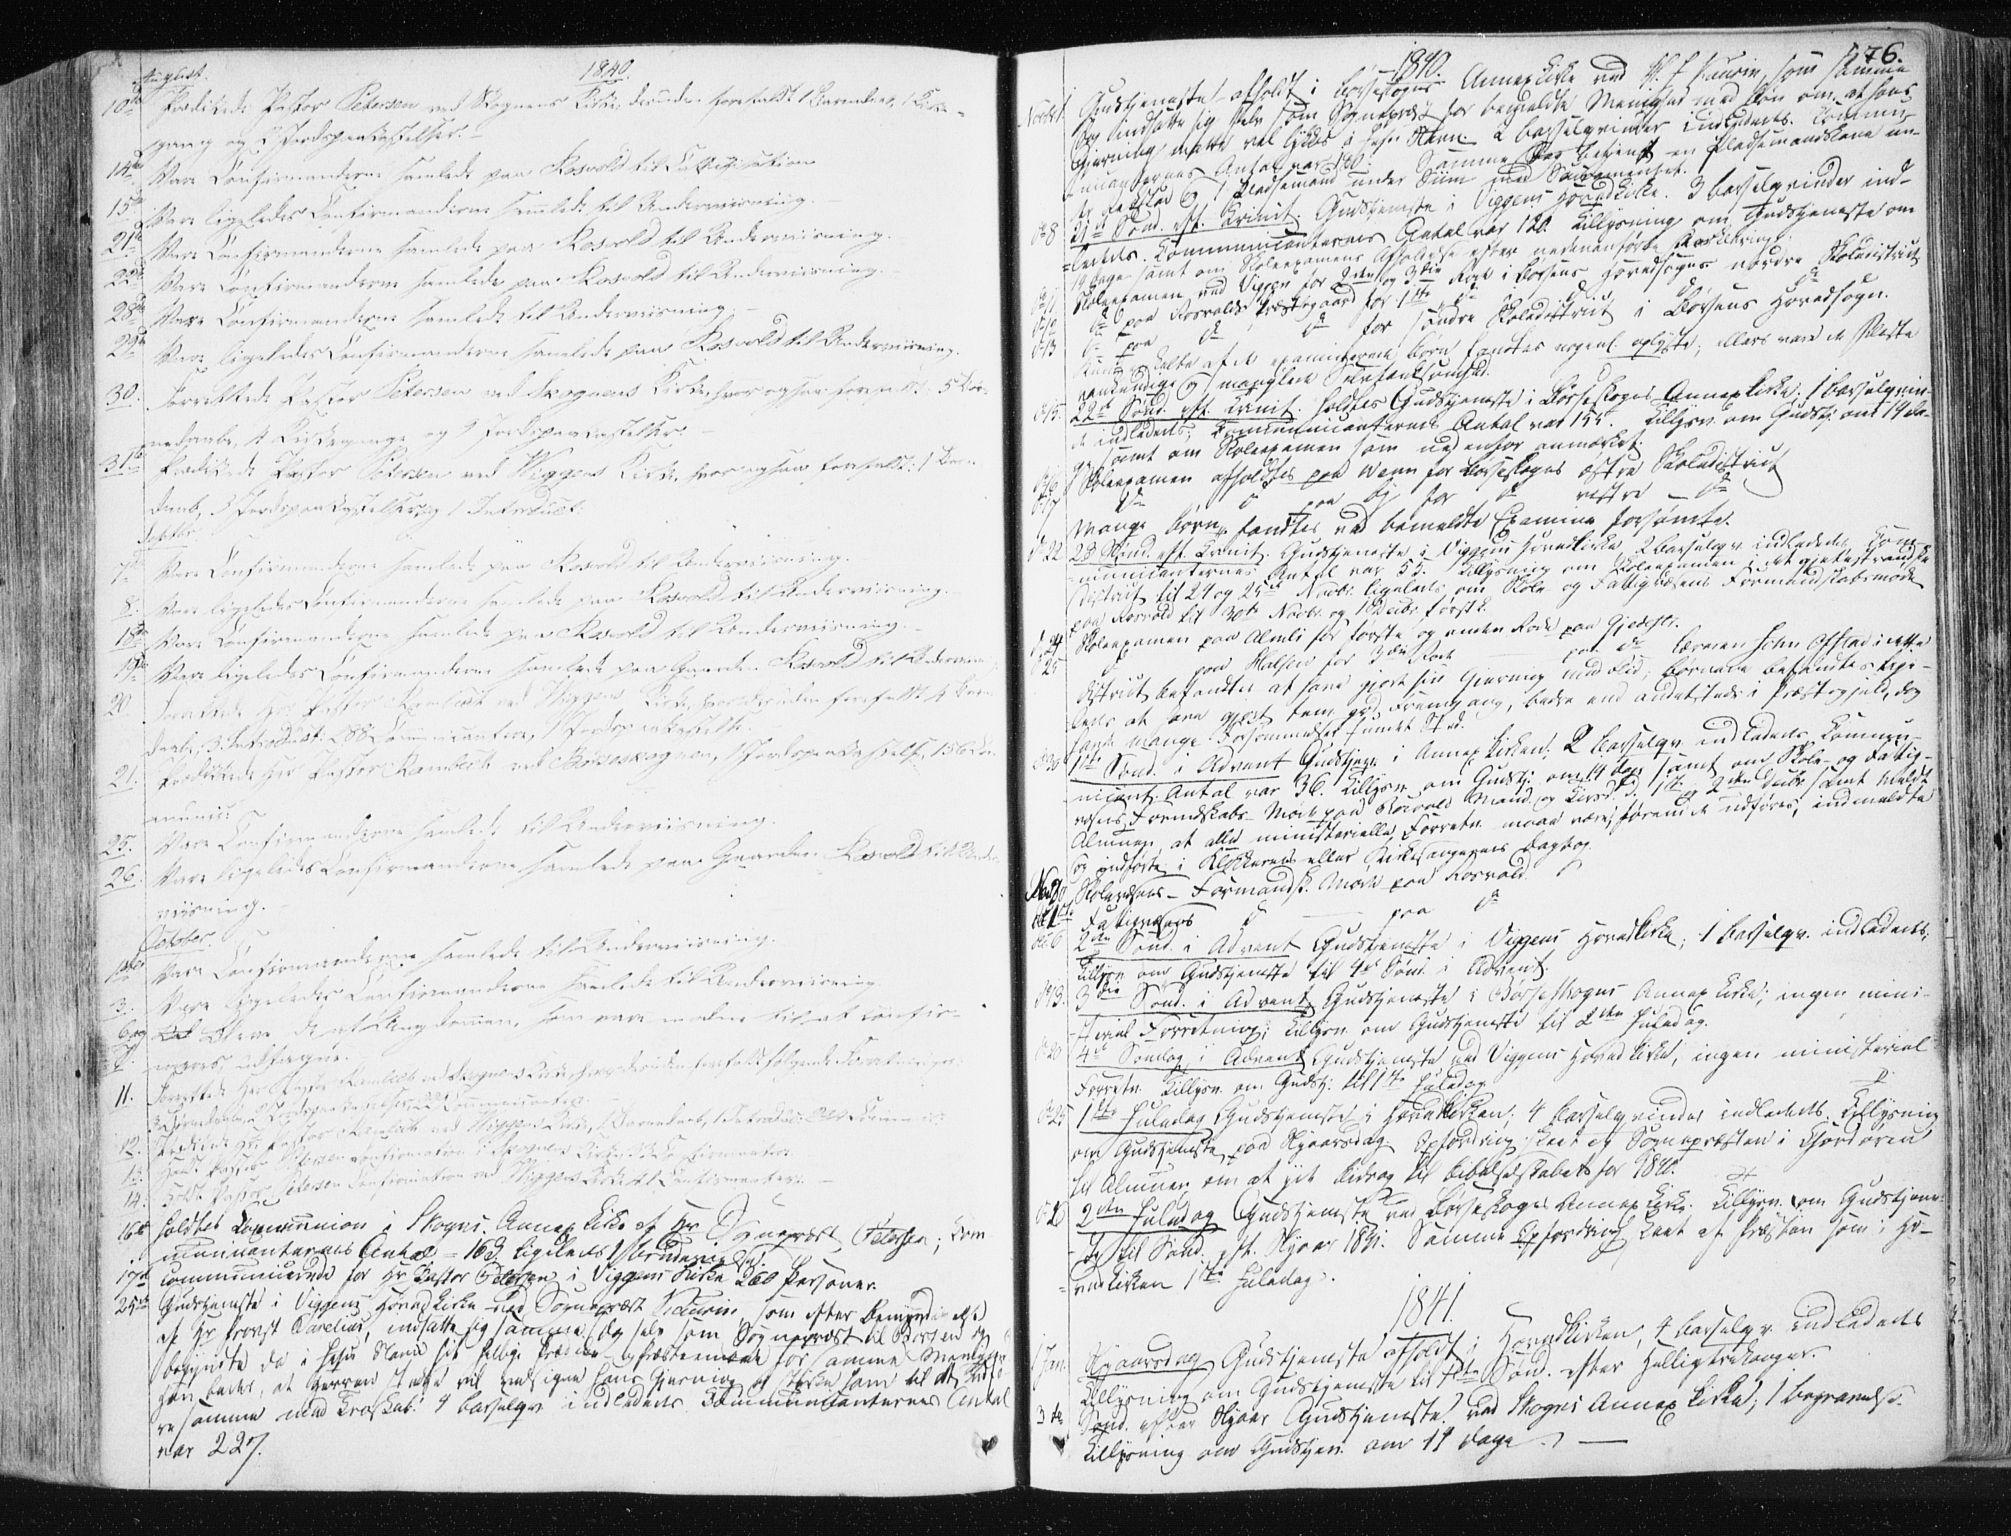 SAT, Ministerialprotokoller, klokkerbøker og fødselsregistre - Sør-Trøndelag, 665/L0771: Ministerialbok nr. 665A06, 1830-1856, s. 576